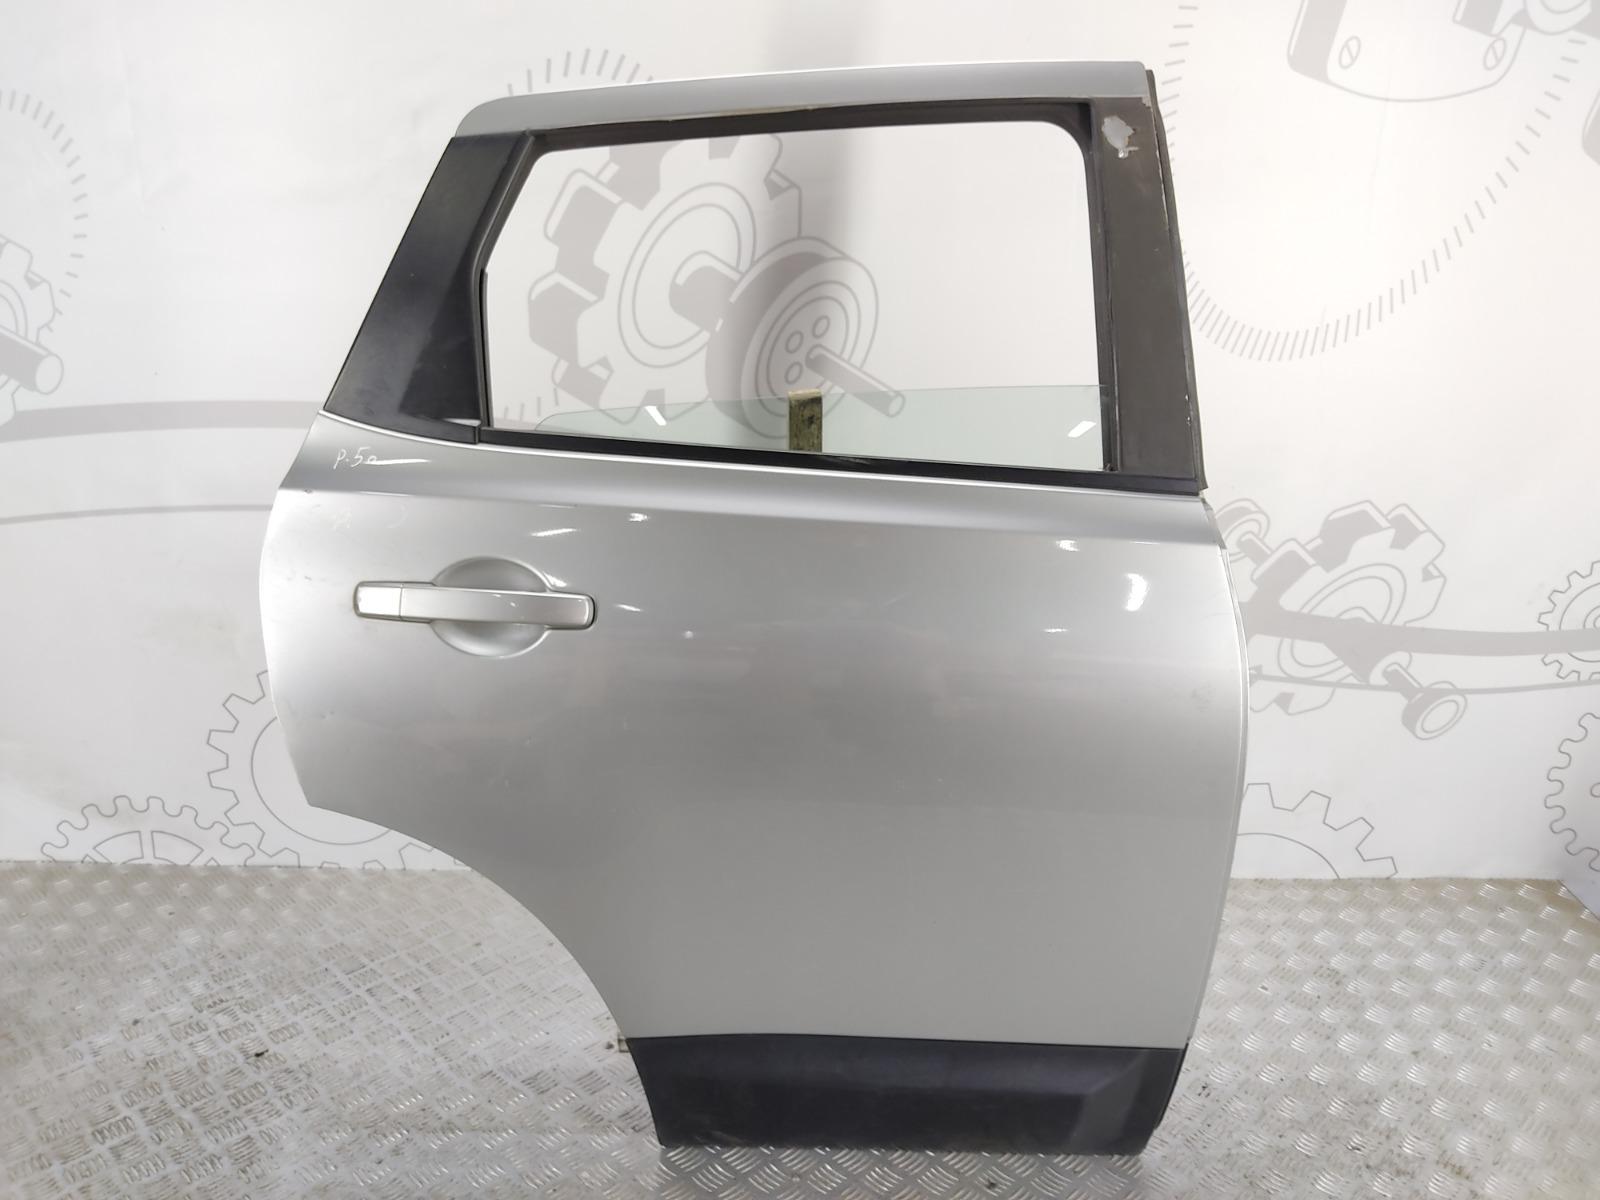 Дверь задняя правая Nissan Qashqai 2.0 DCI 2008 (б/у)